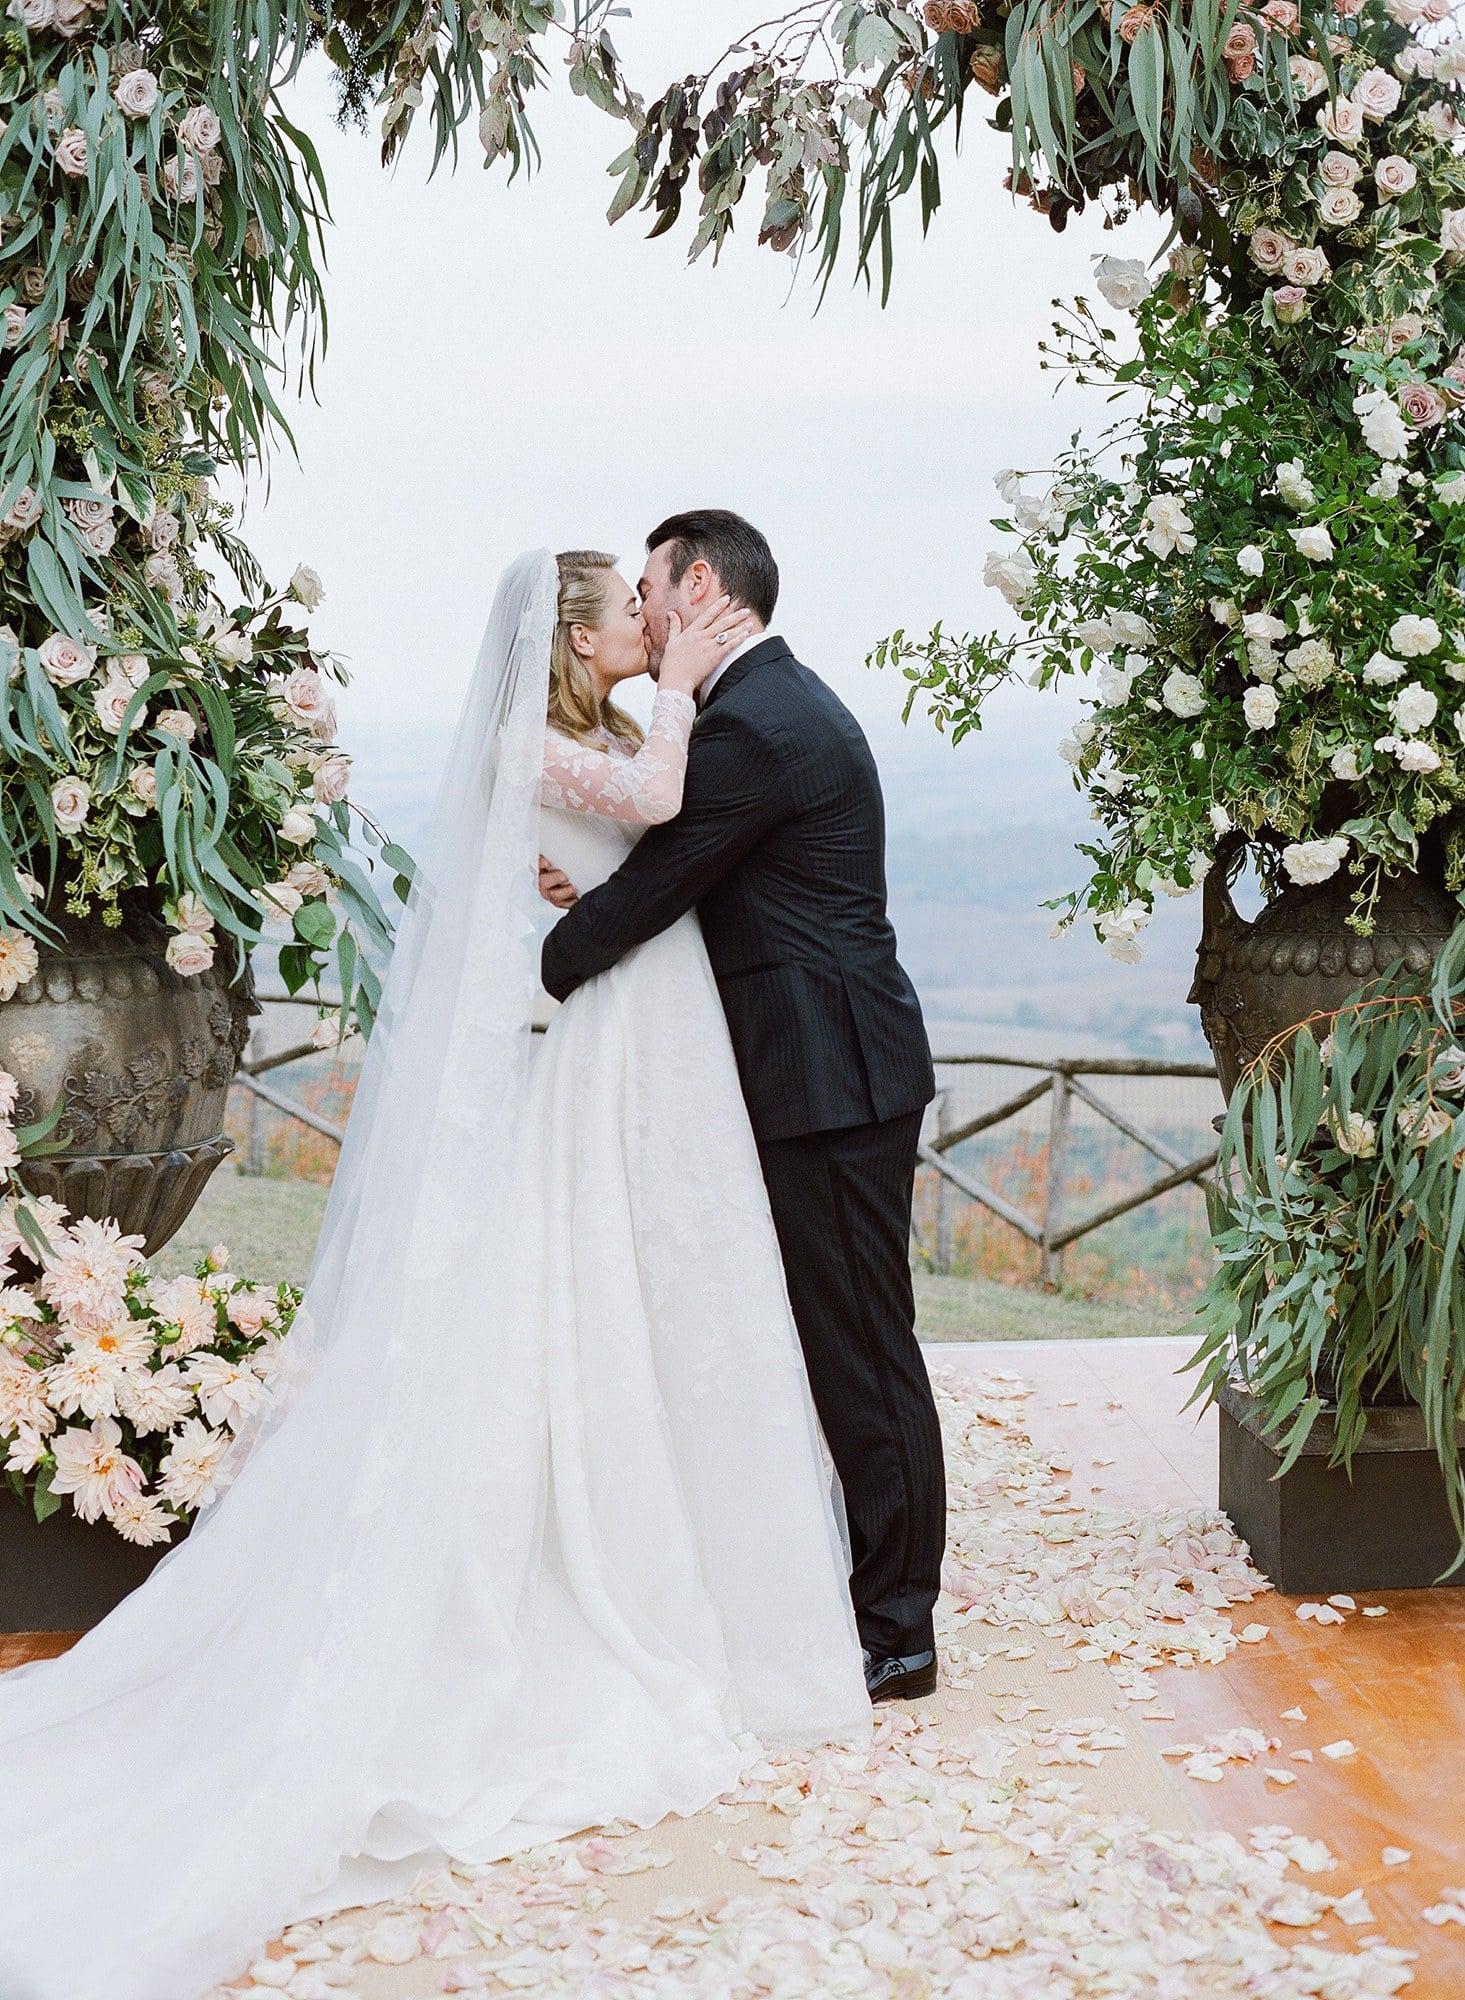 Kate Upton and Justin Verlander Married | POPSUGAR Celebrity